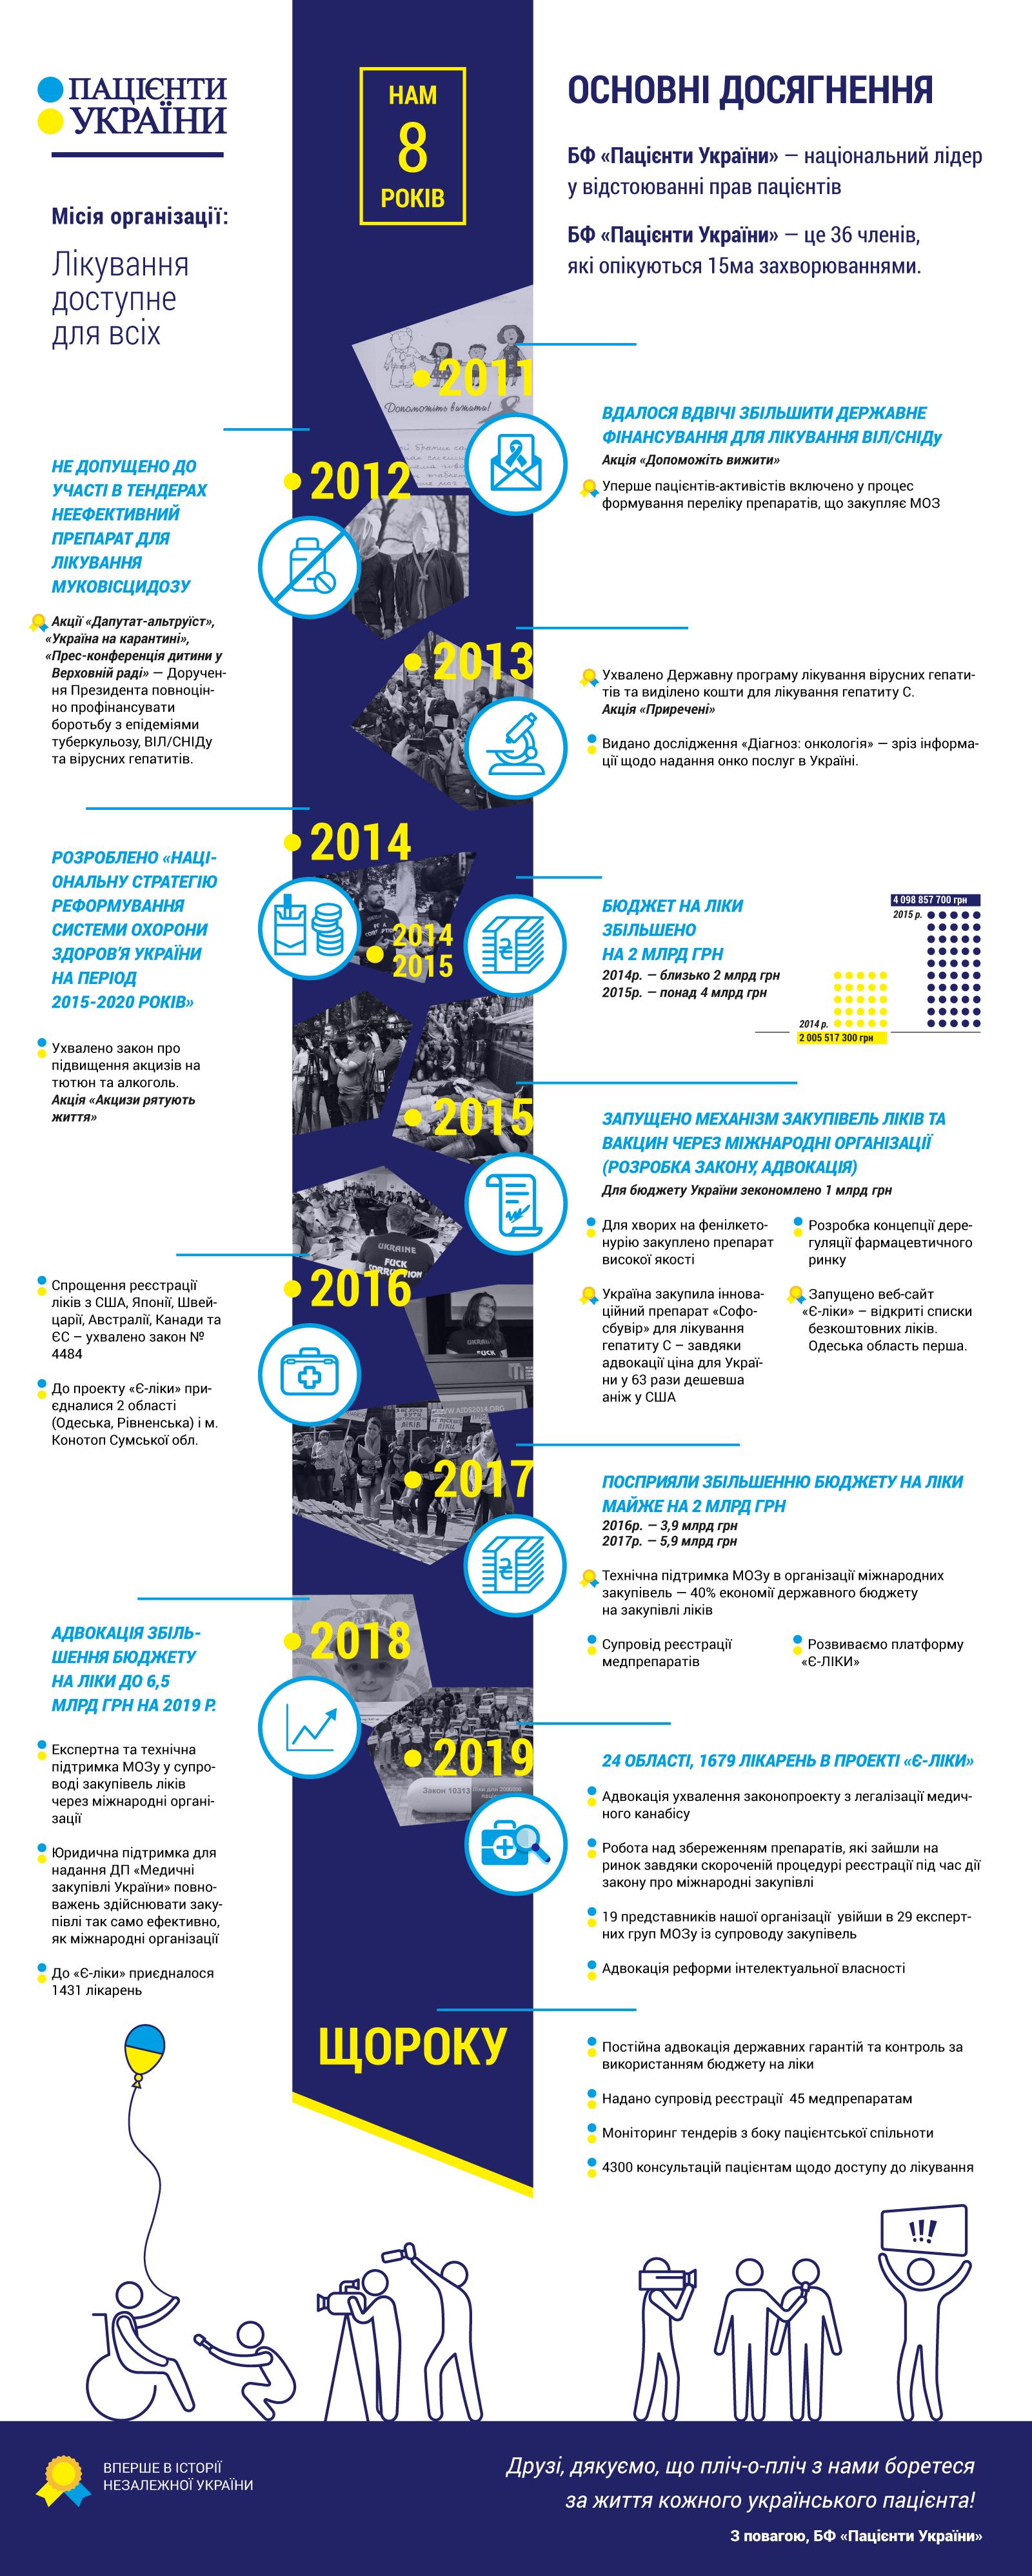 8 років діяльності БФ «Пацієнти України»